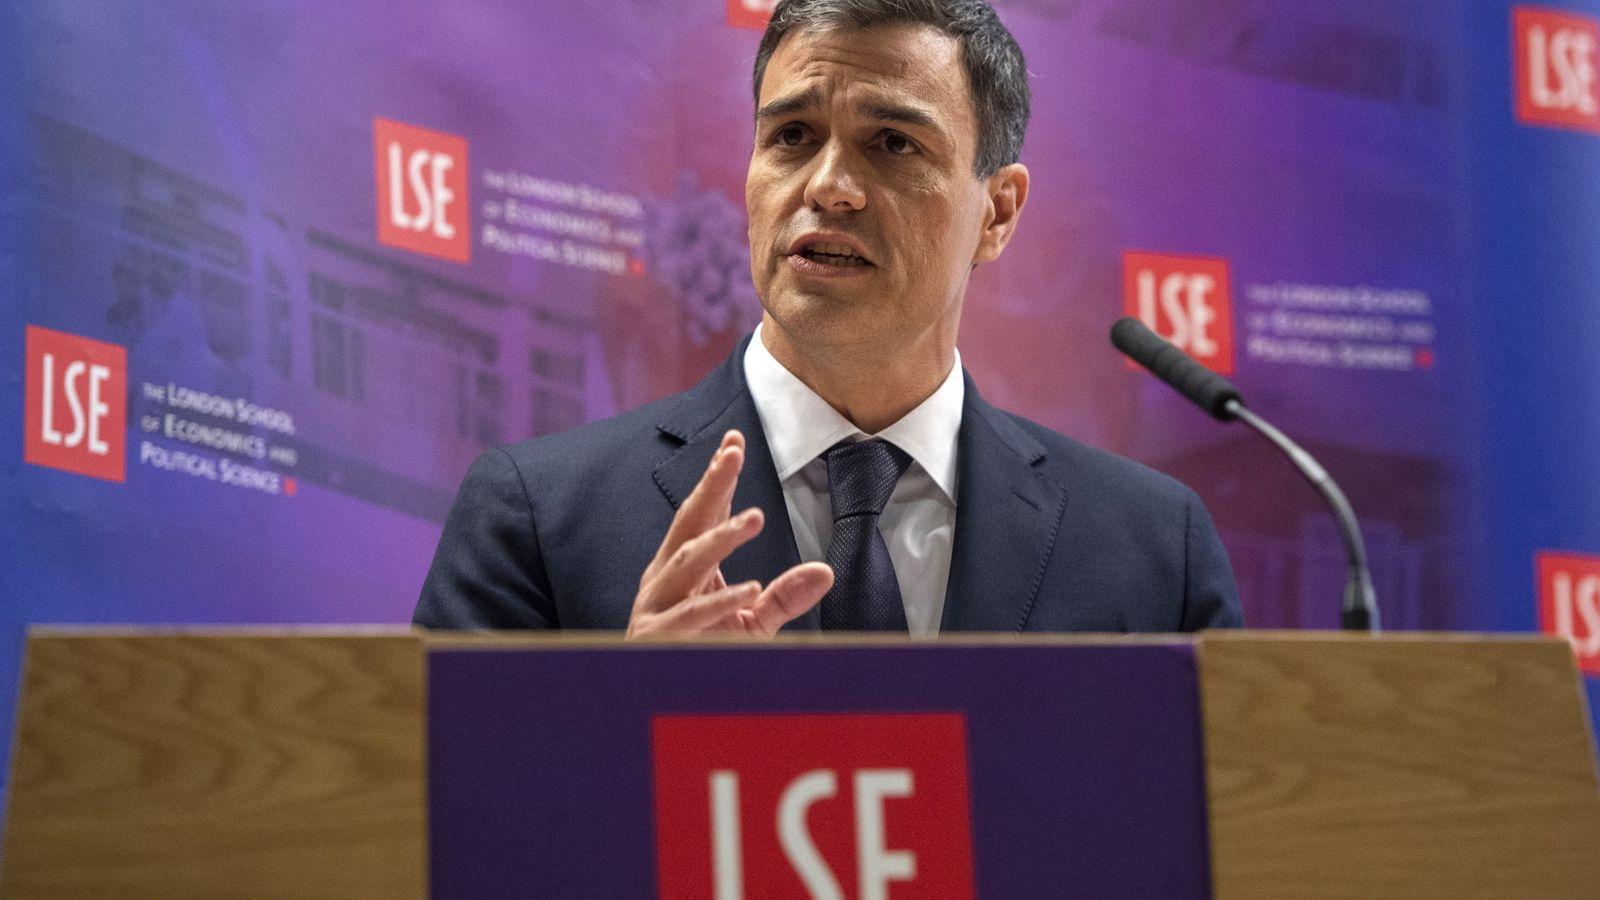 Foto: Pedro Sánchez, este 8 de mayo impartiendo una conferencia en la London School of Economics, en la capital británica. (EFE)